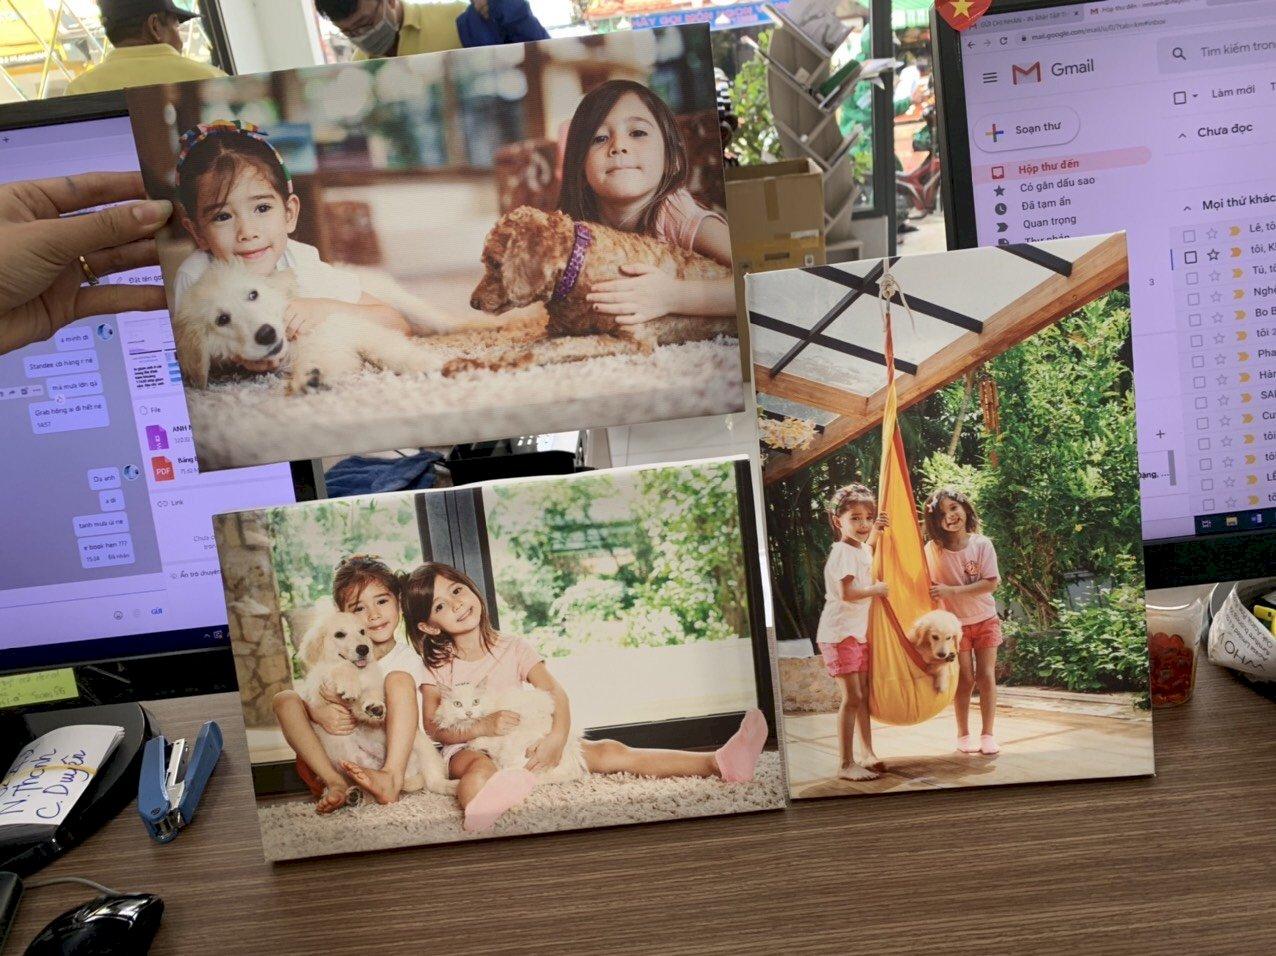 In tranh chân dung trên chất liệu Canvas treo tường, để bàn & lên khung theo yêu cầu - Ảnh: 3